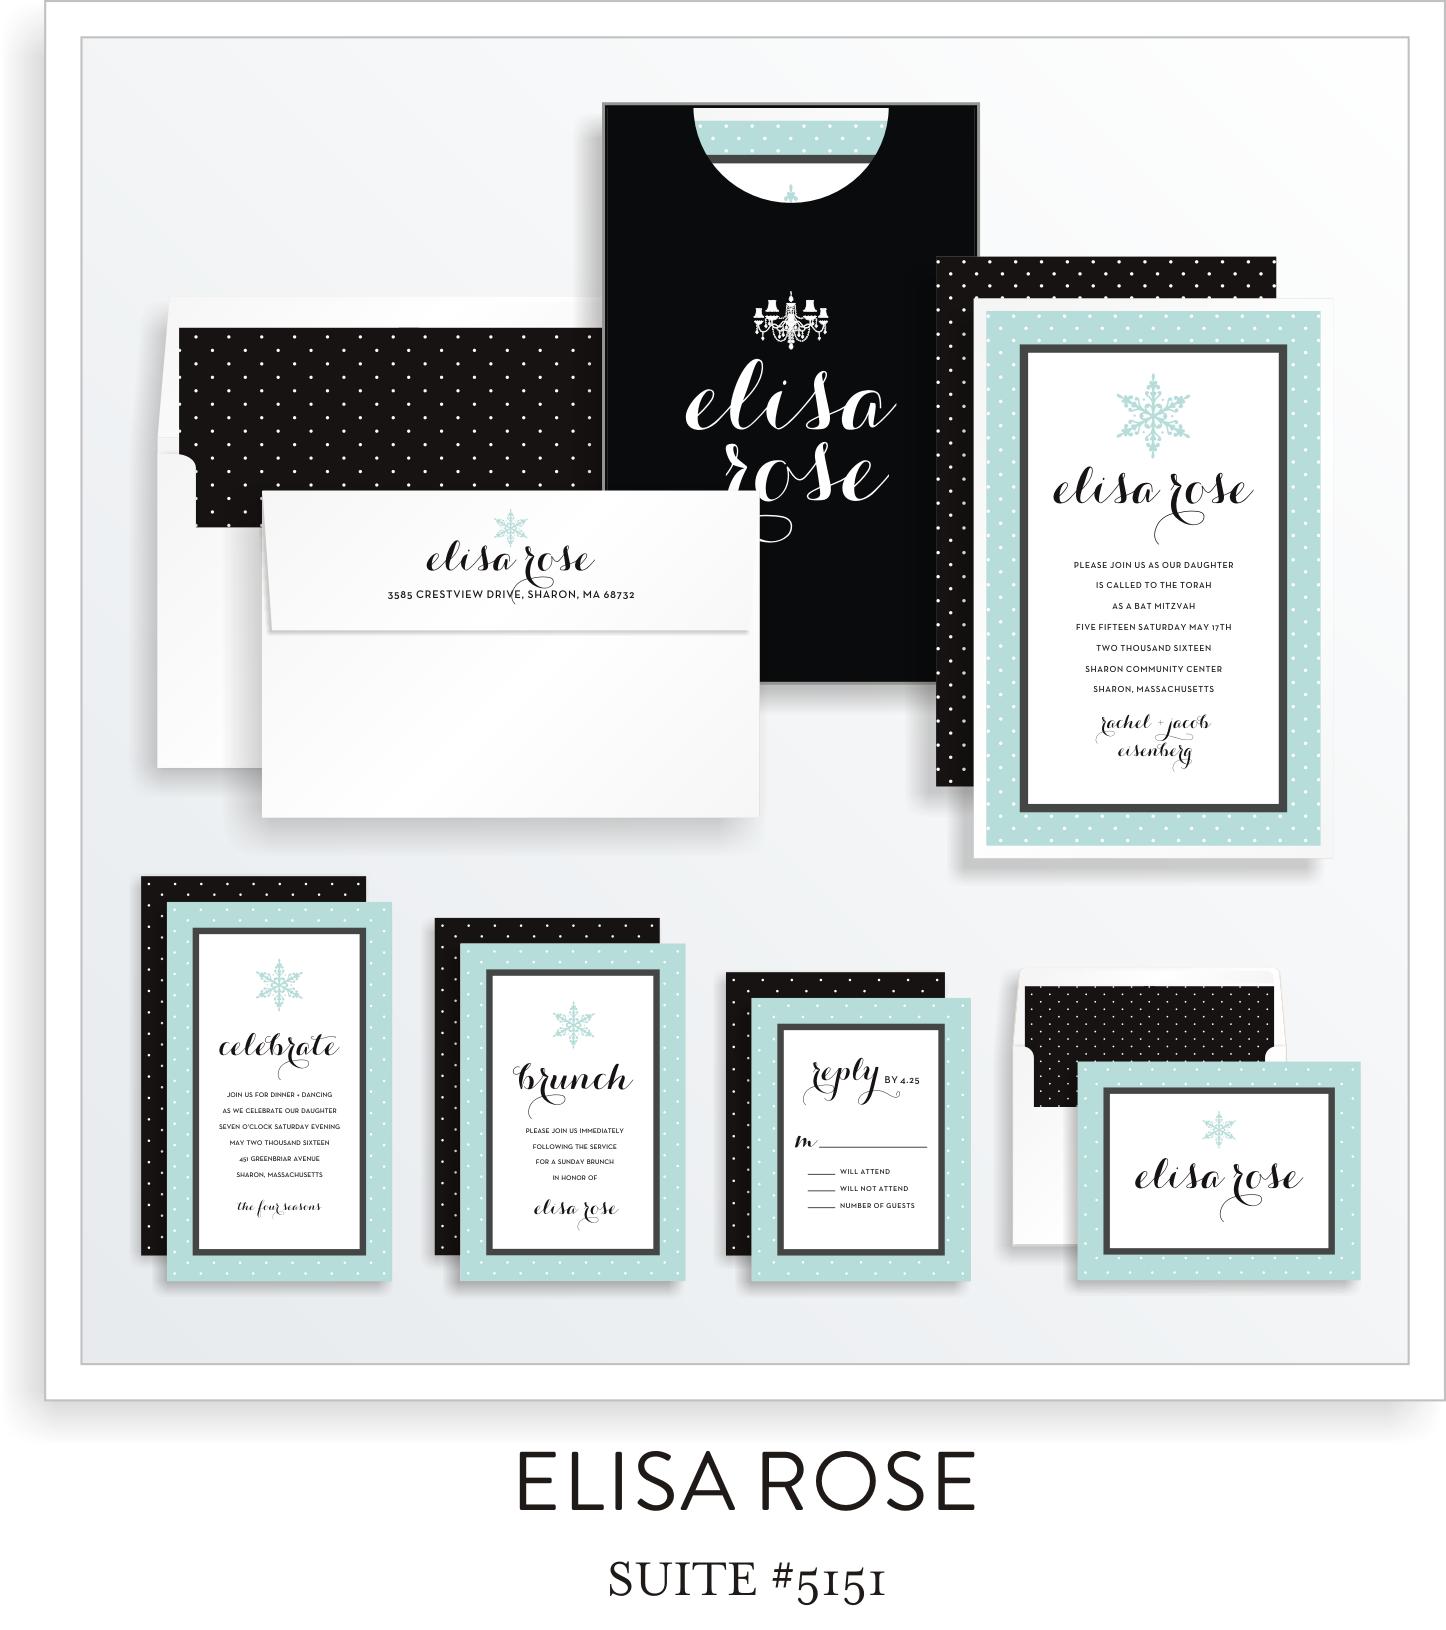 Bat Mitzvah Invitation Suite 5153 - Elisa Rose